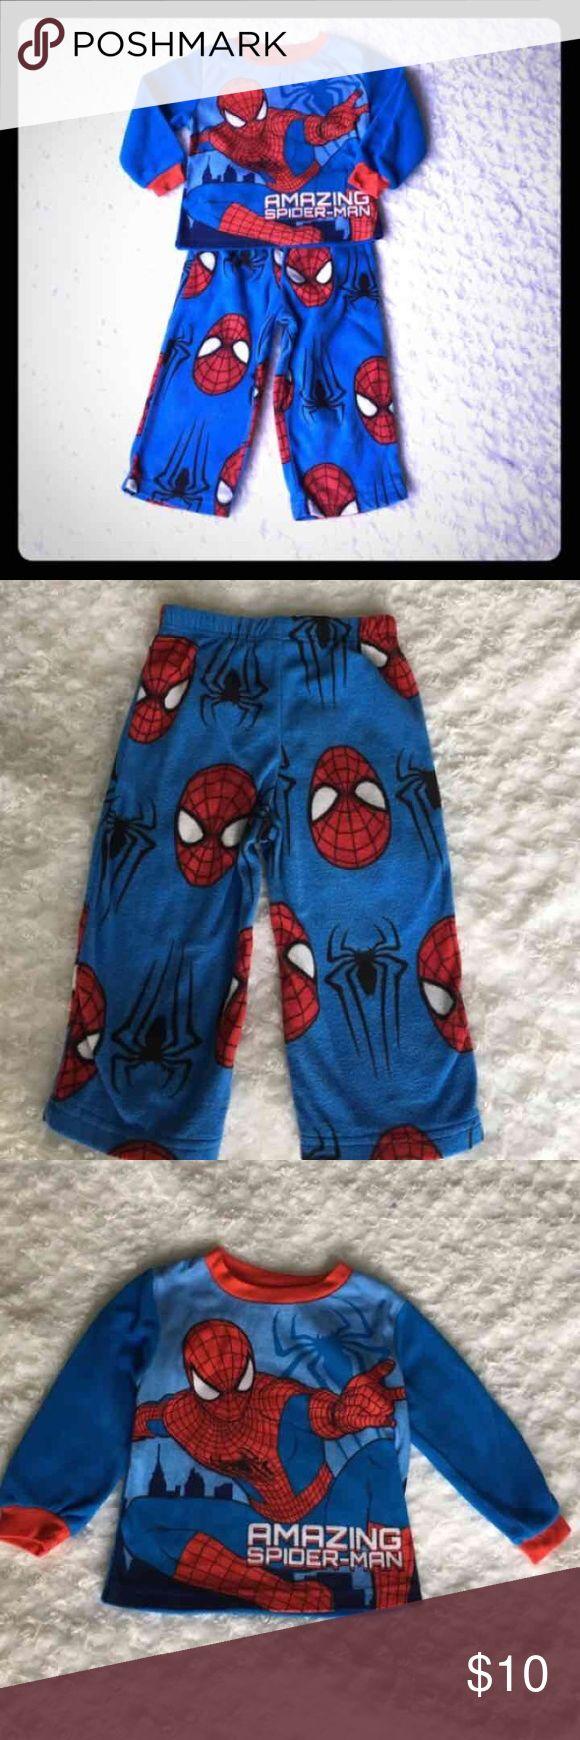 Spiderman Fleece Pajamas Spiderman Fleece pajama set. Worn once. From smoke free and pet free home. Pajamas Pajama Sets